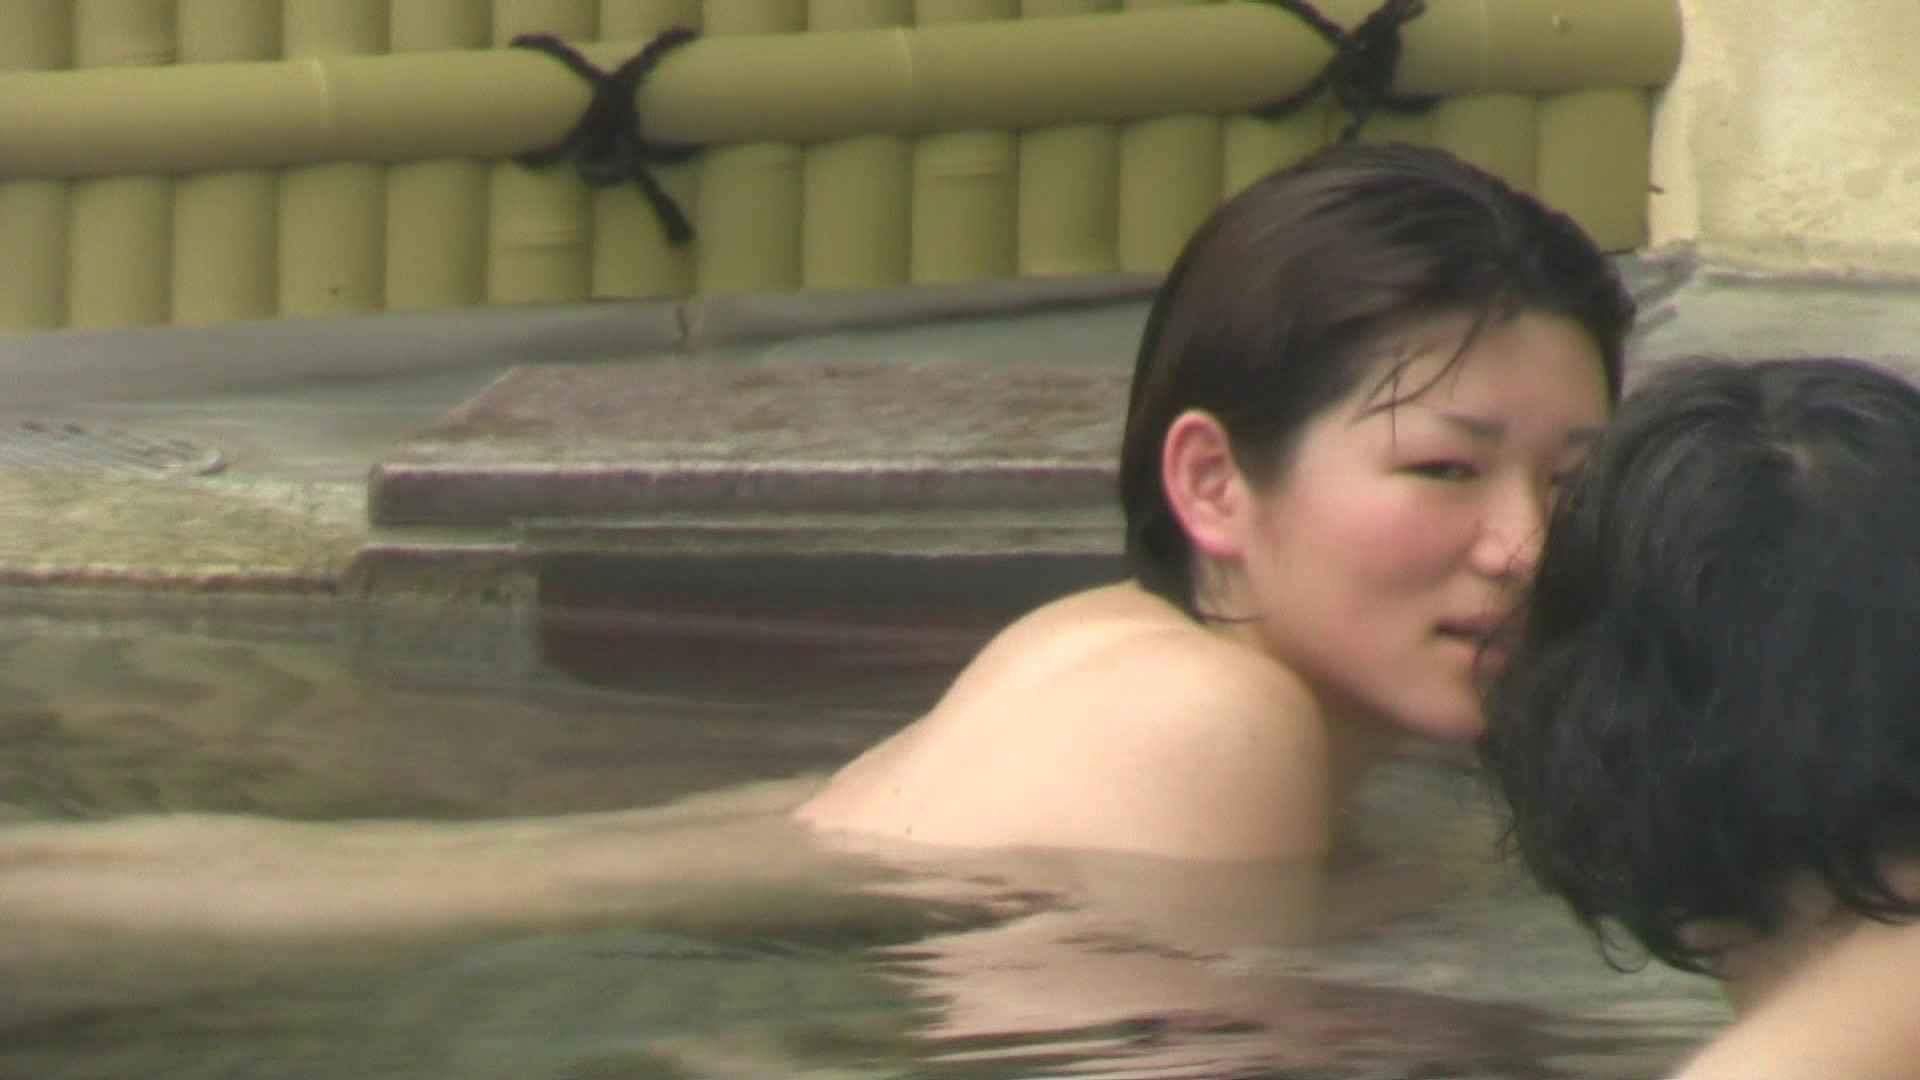 Aquaな露天風呂Vol.673 美しいOLの裸体   盗撮師作品  99pic 7